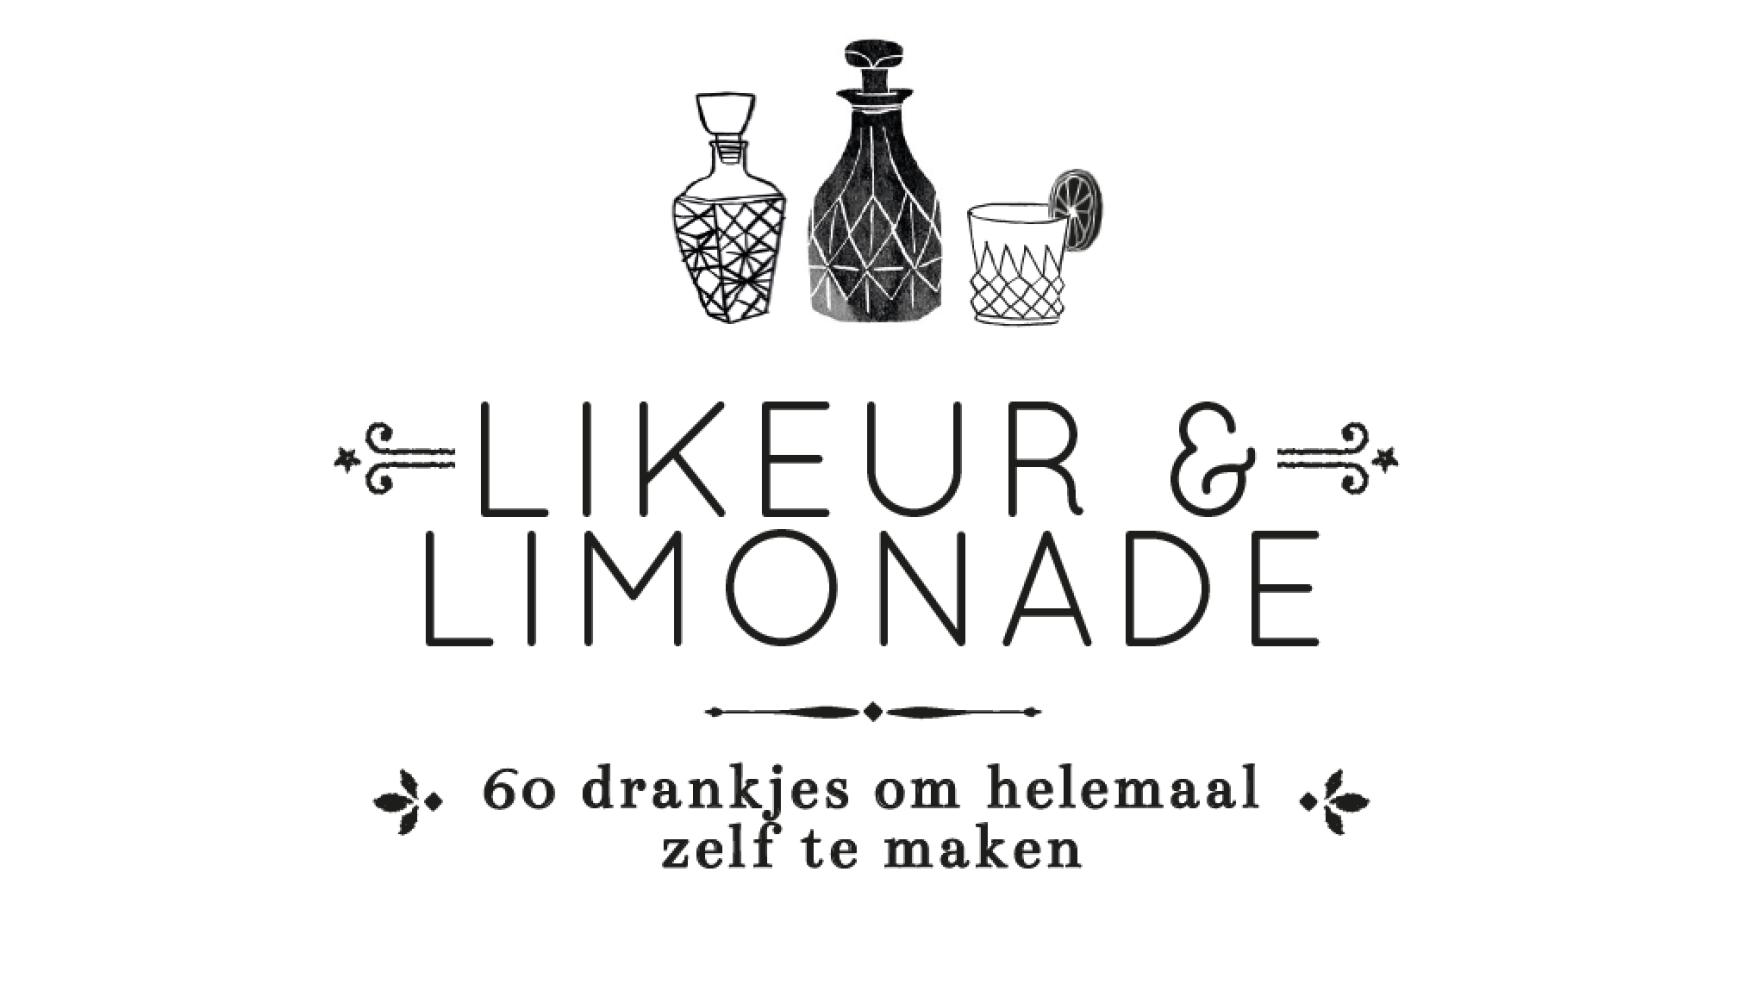 Waarom Likeur & Limonade een Award verdient